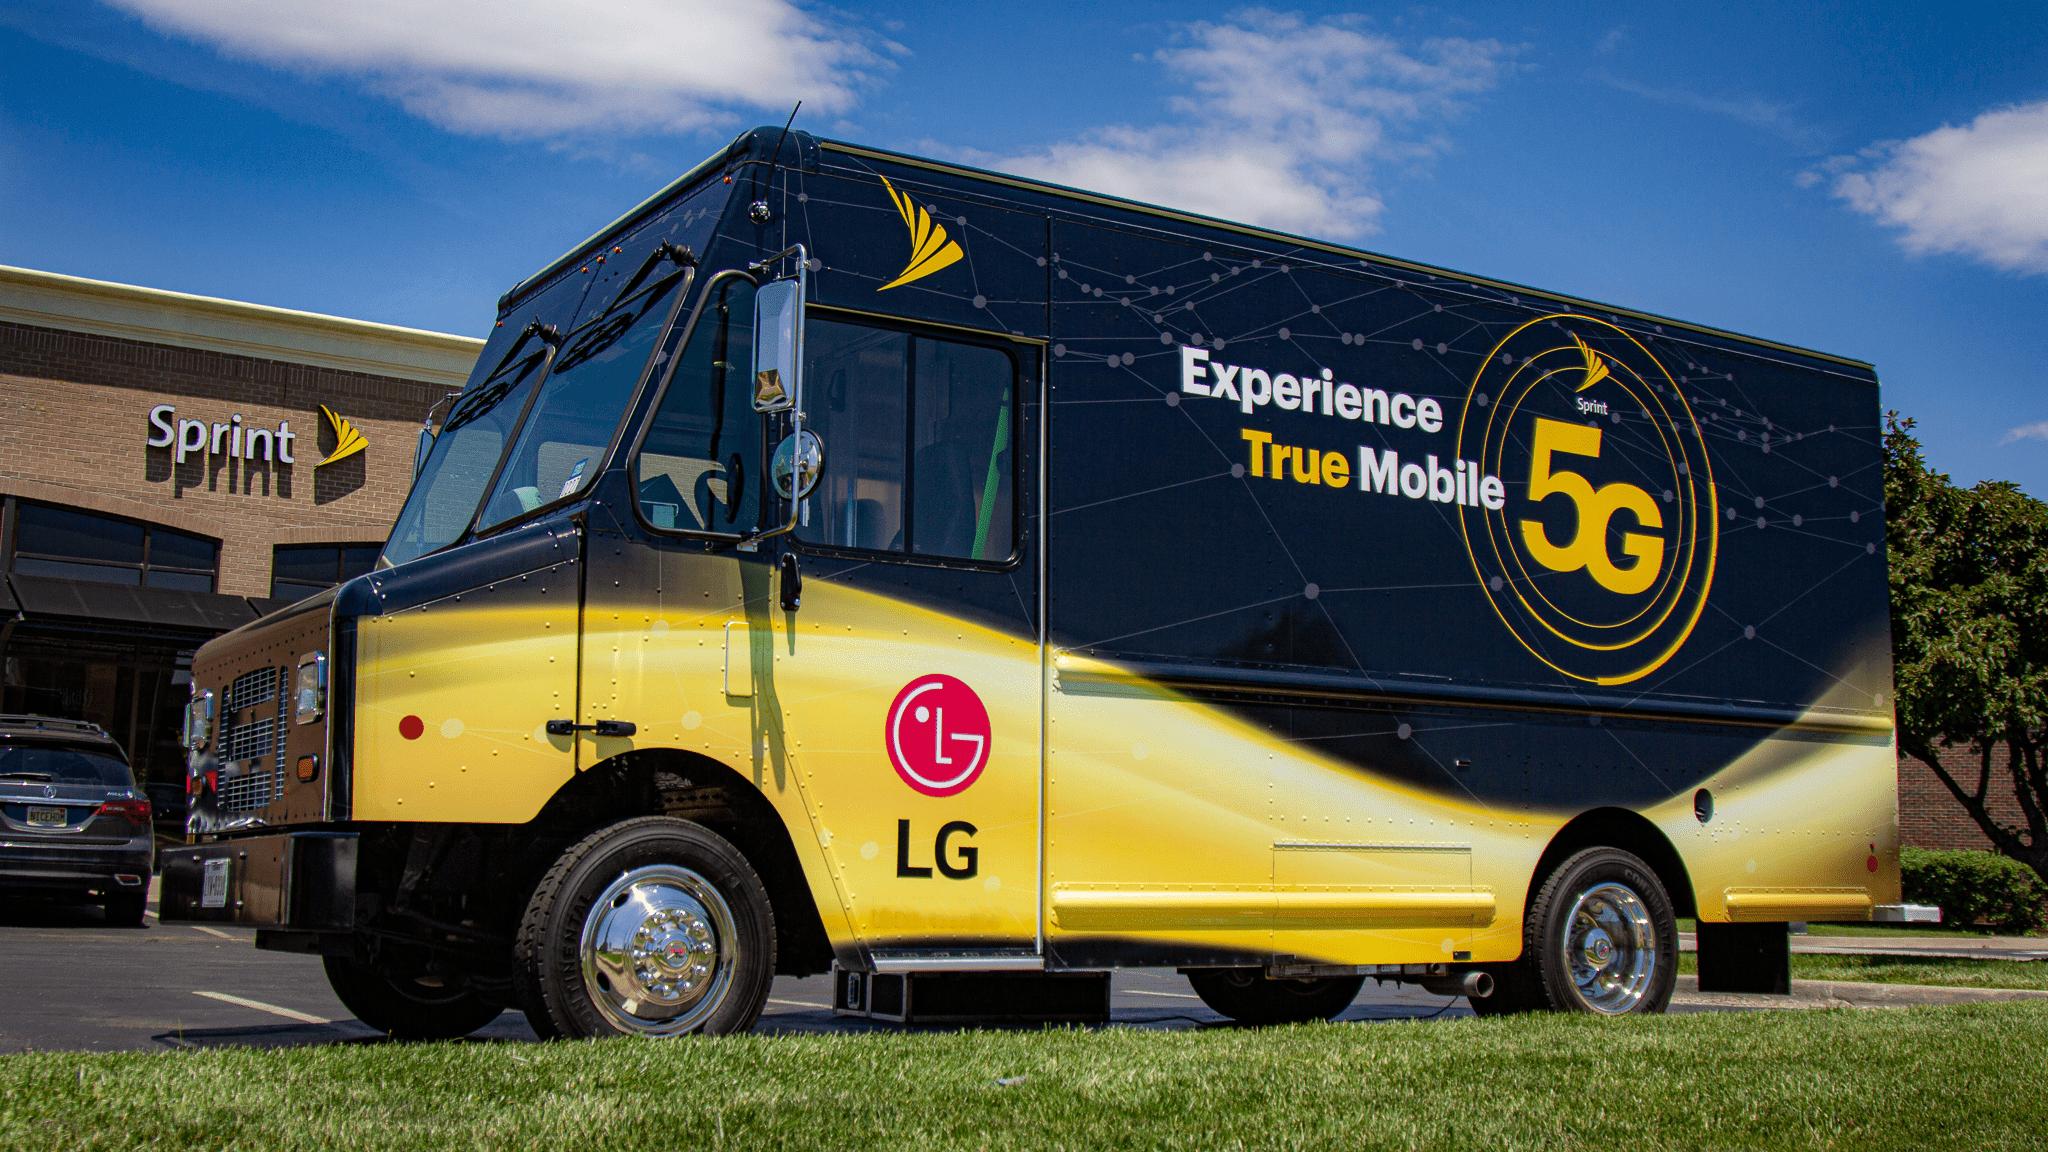 5g vending truck